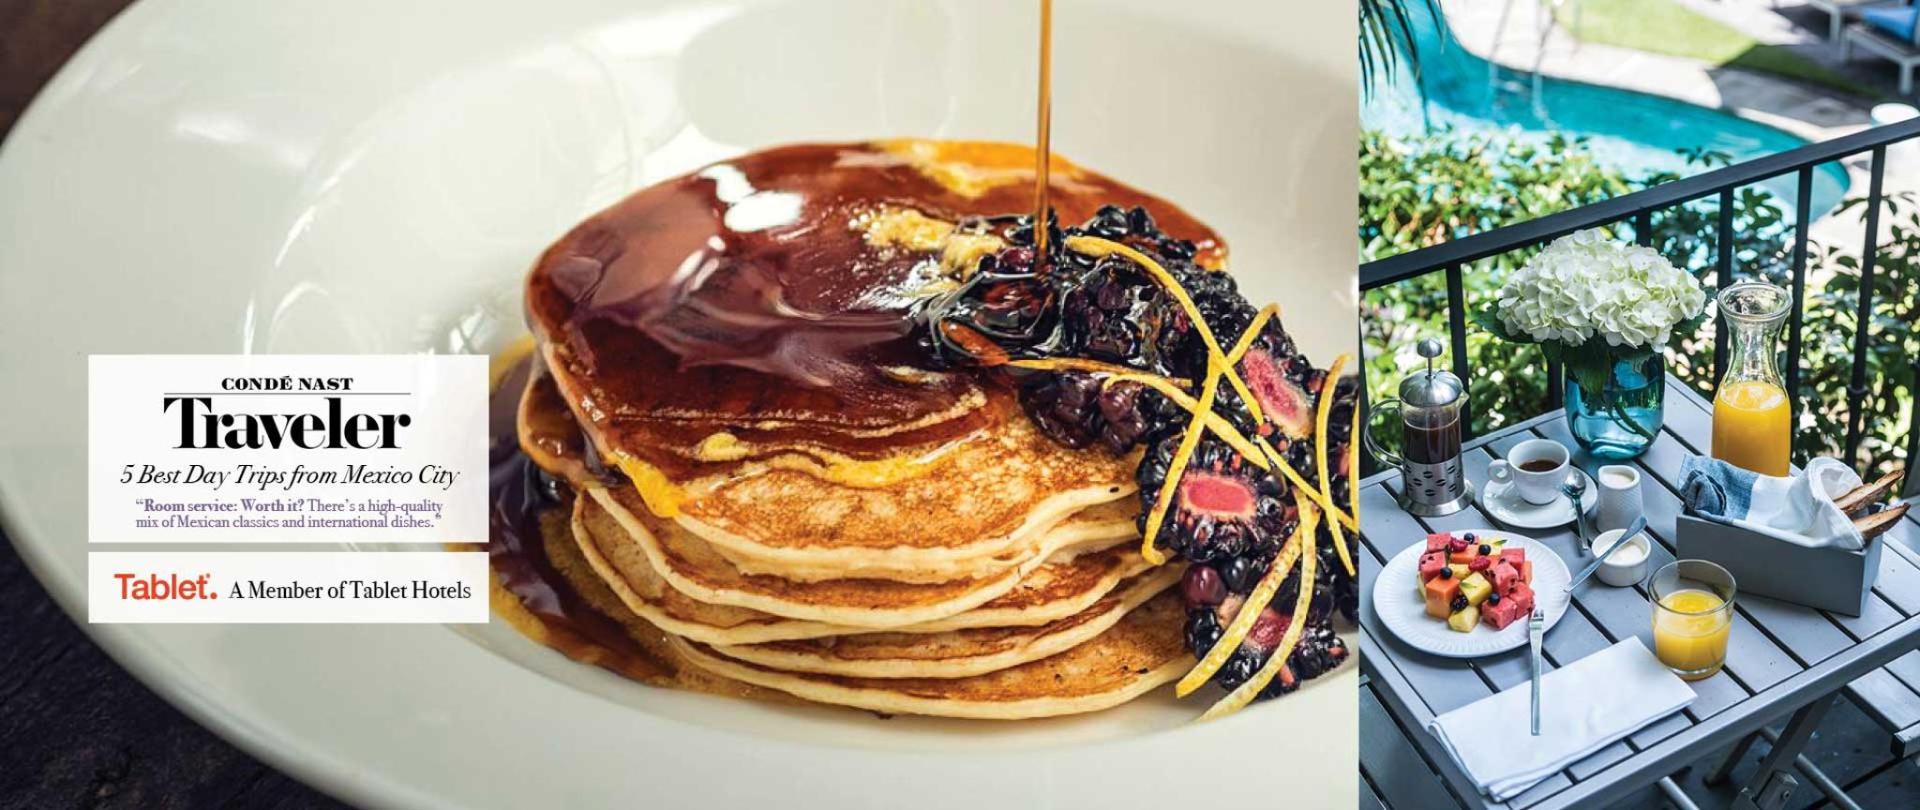 Desayuno y Sunday Brunch es complementario con tu estadía! Las Casas B+B Boutique Hotel, Spa & Restaurante en Cuernavaca